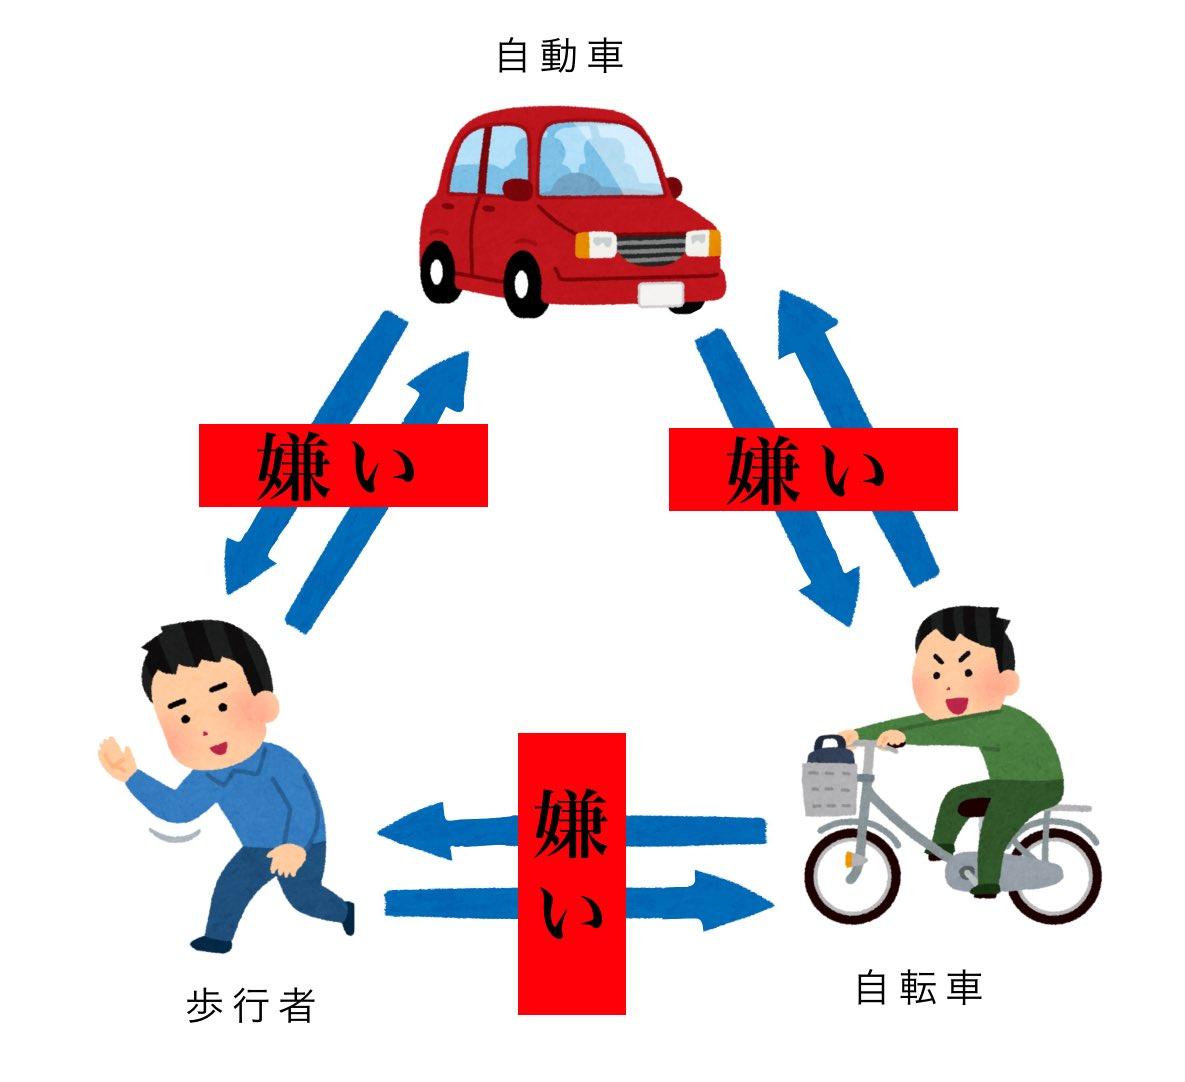 自動車、歩行者、自転車、互いが互いを嫌っている交通相関図!